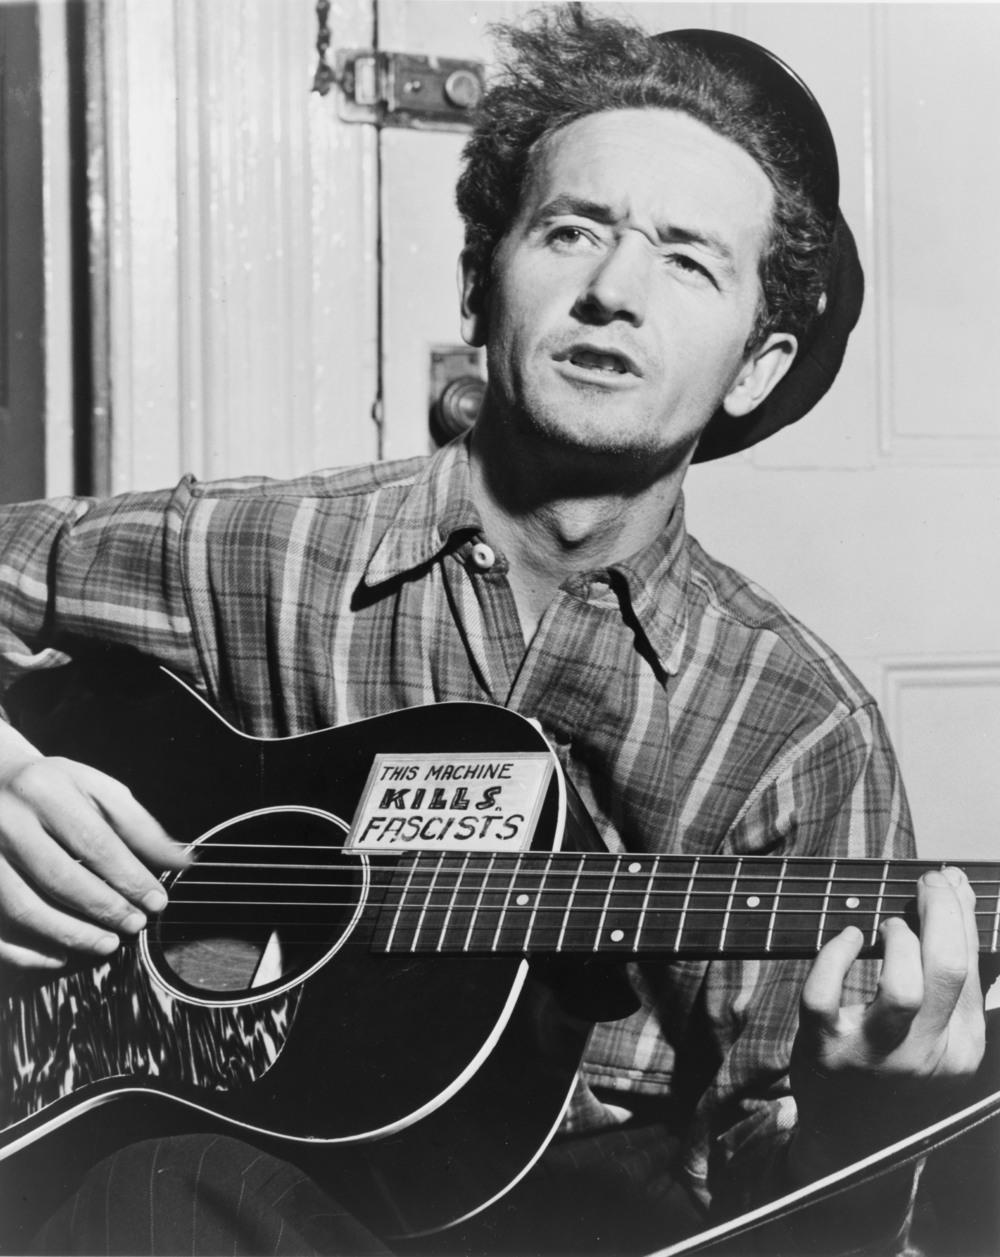 THIS MACHINE...: Woody Guthrie hadde stor betydning for den progressive visebølgen, og var et forbilde for artister som Bob Dylan og Joan Baez.